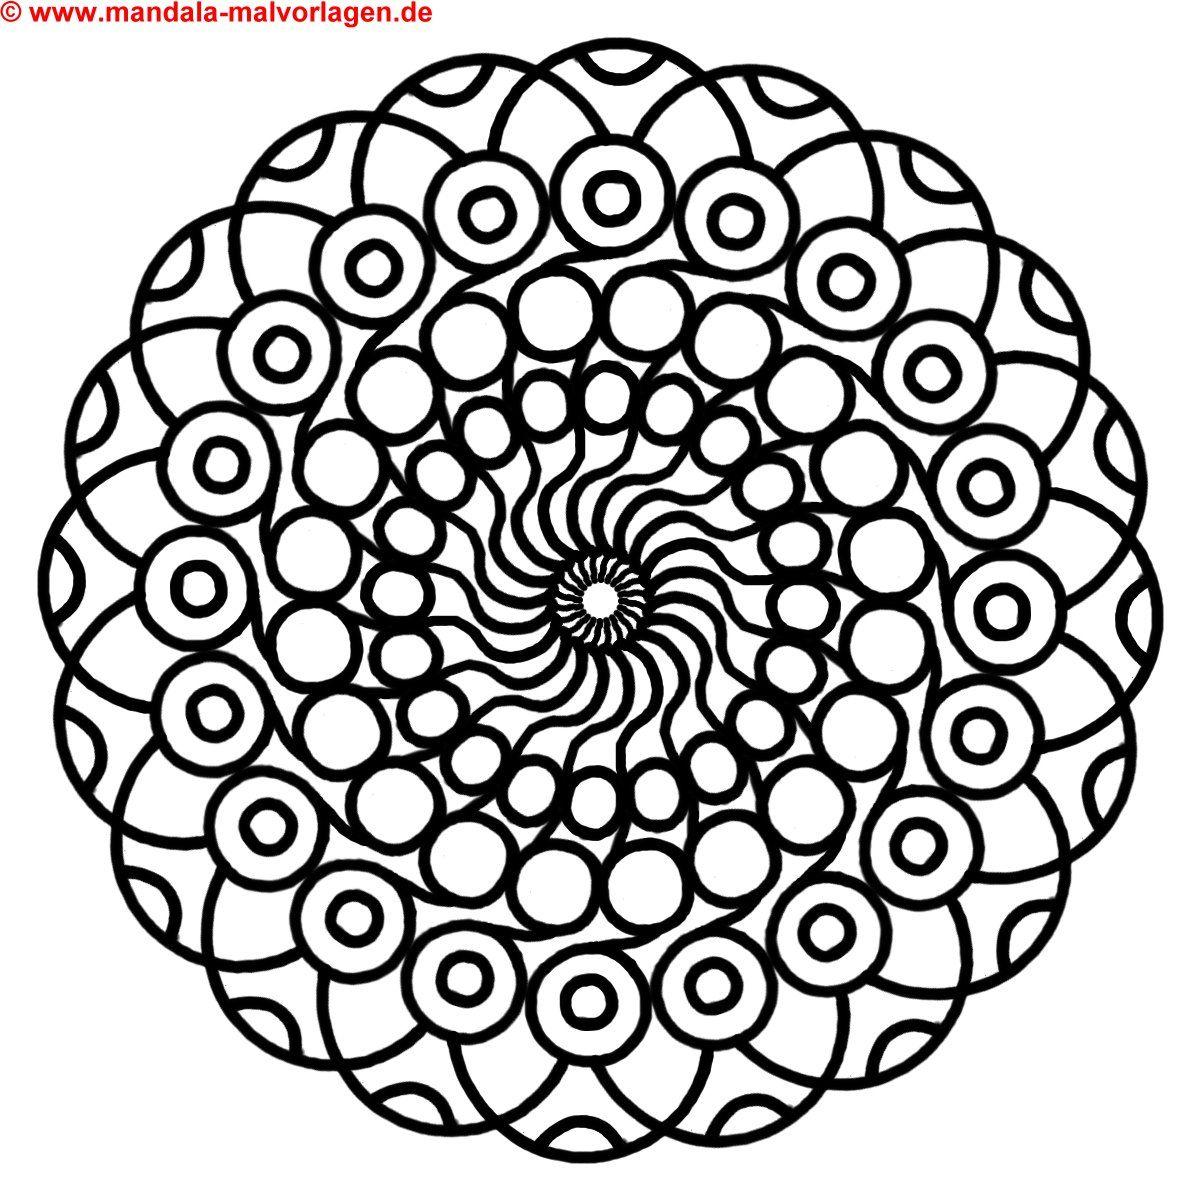 Mandala Ausmalbilder – Ausmalbilder Für Kinder in Mandala Ausmalbilder